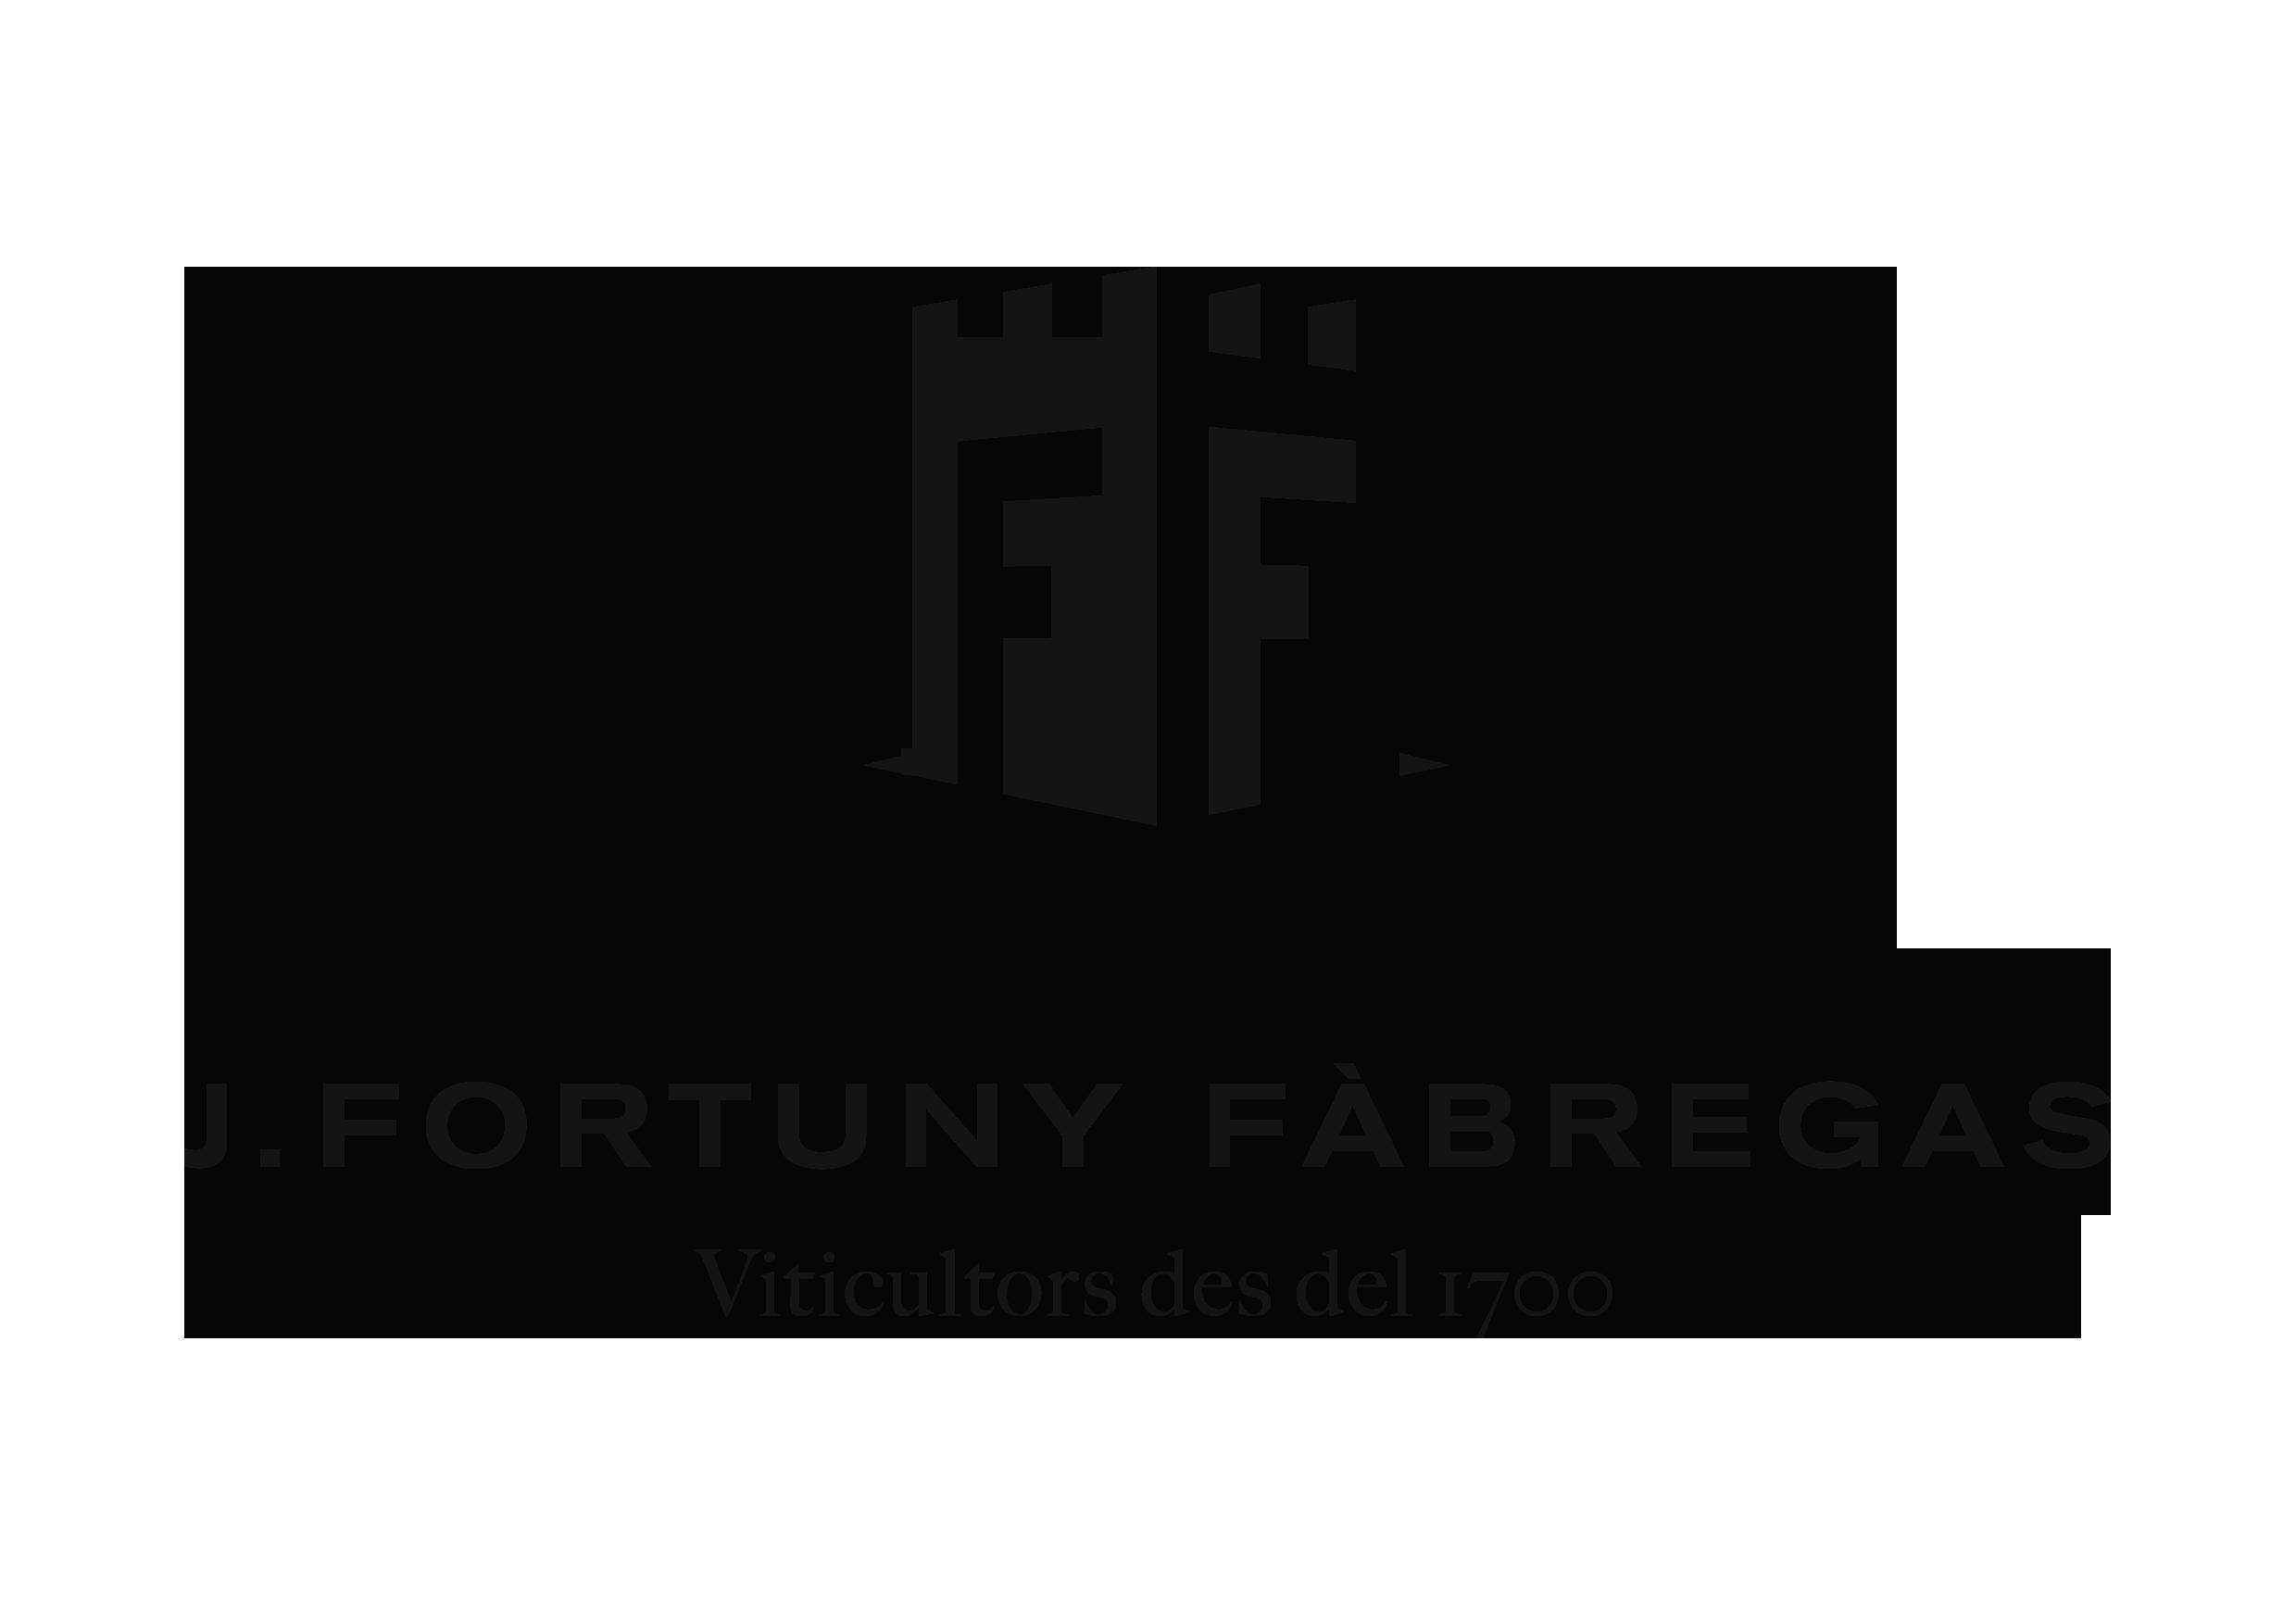 J. Fortuny Fàbregas